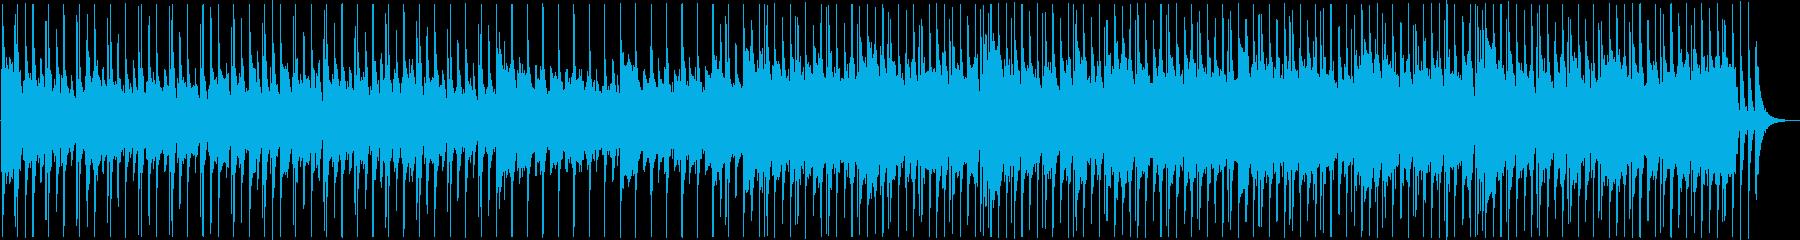 可愛い手拍子のポップス Sの再生済みの波形